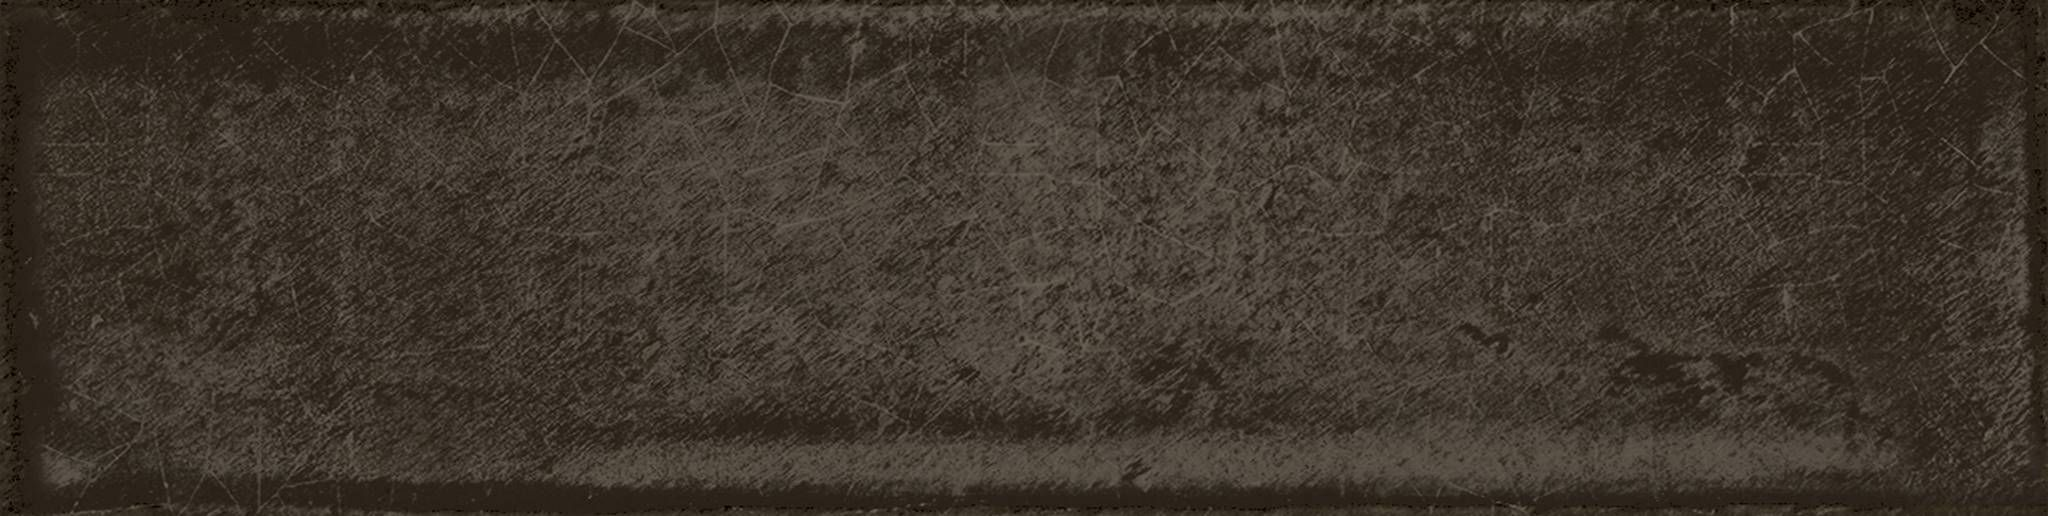 Alchimia Antracite 7,5×30